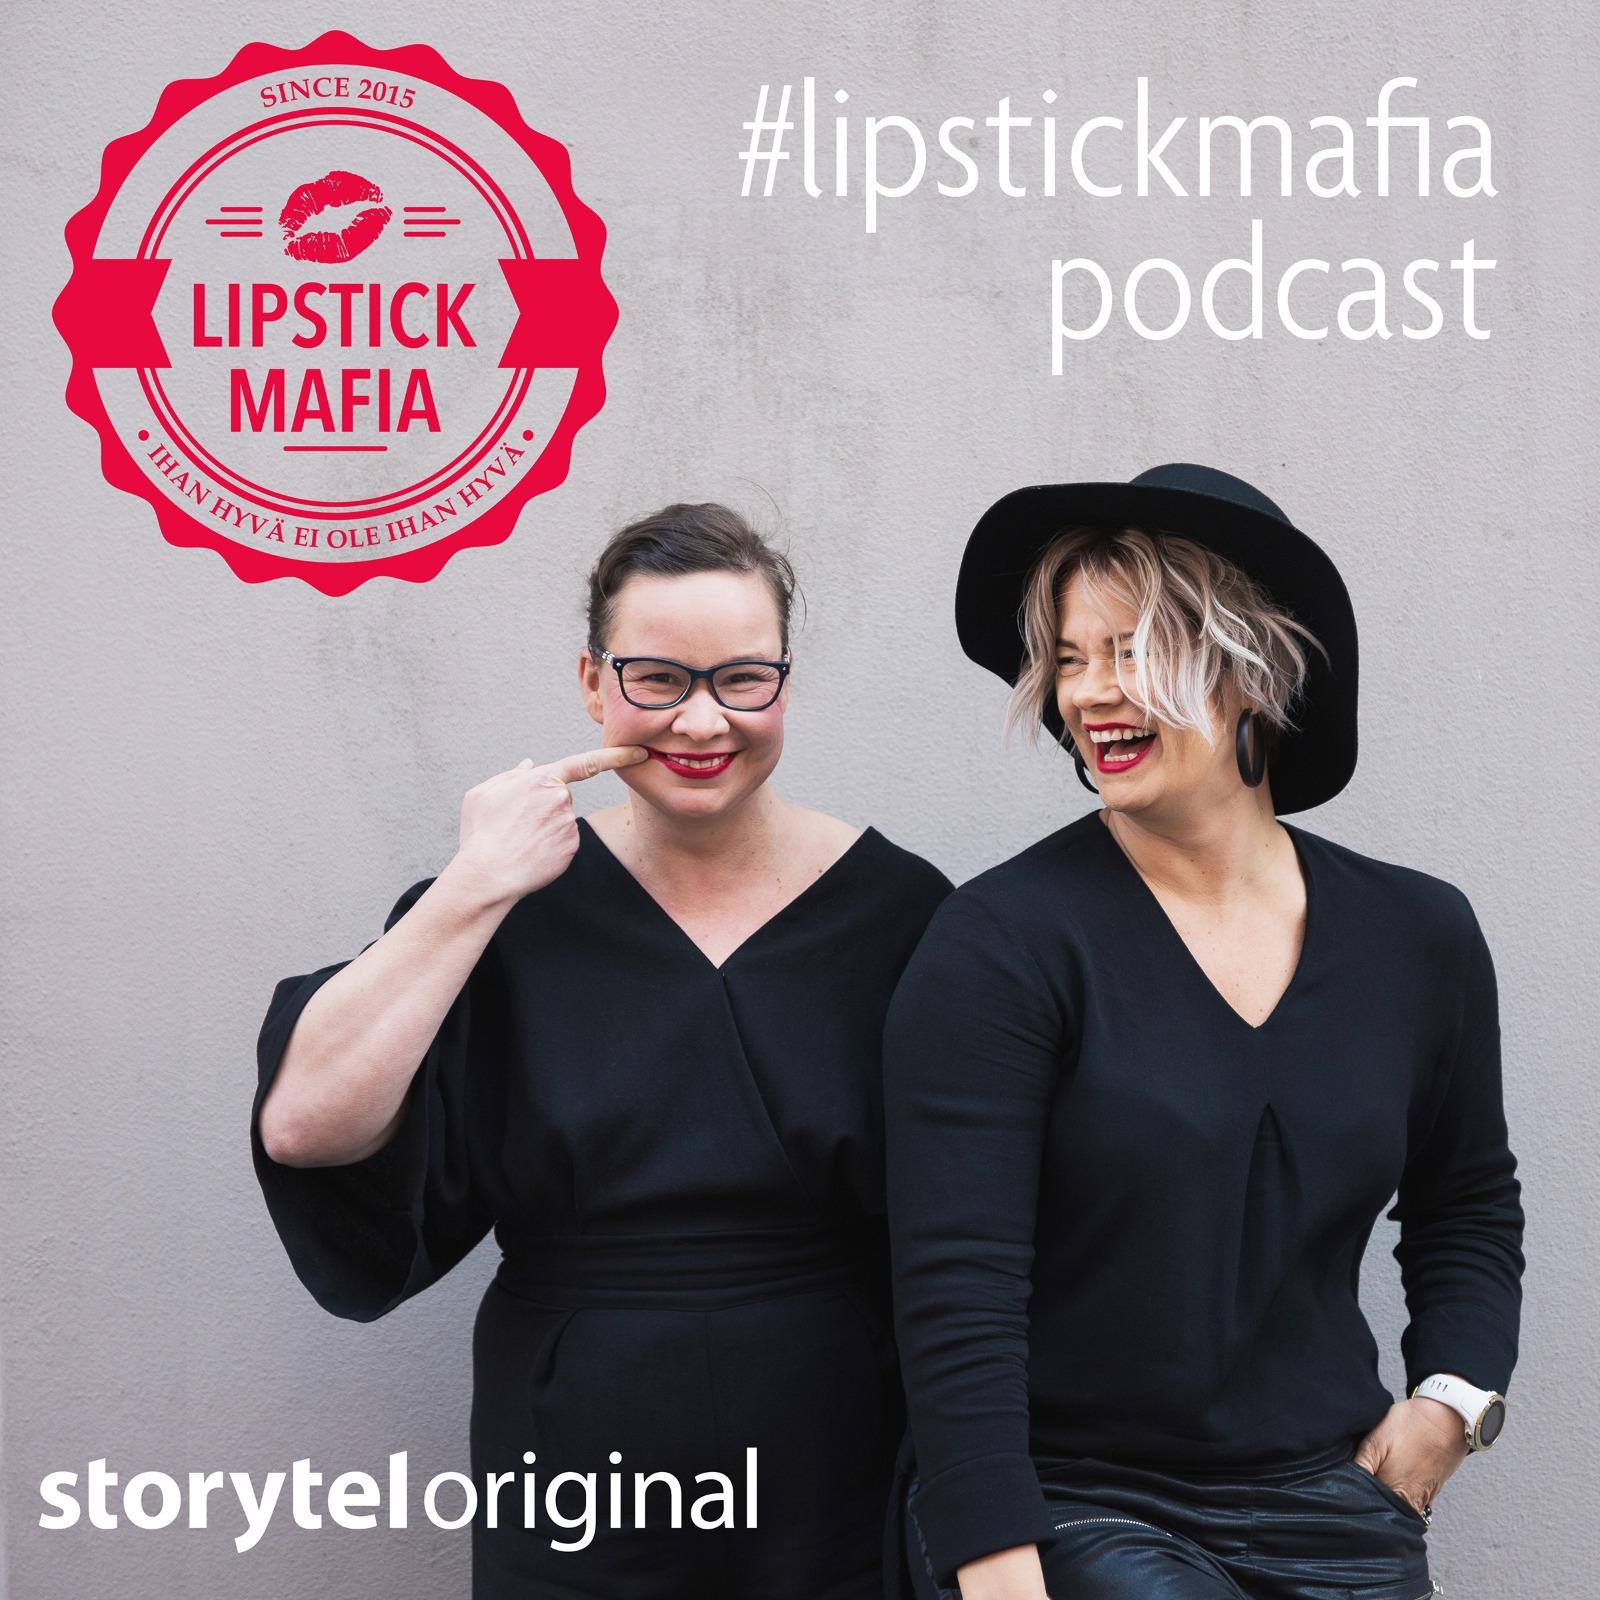 Lipstick Mafia